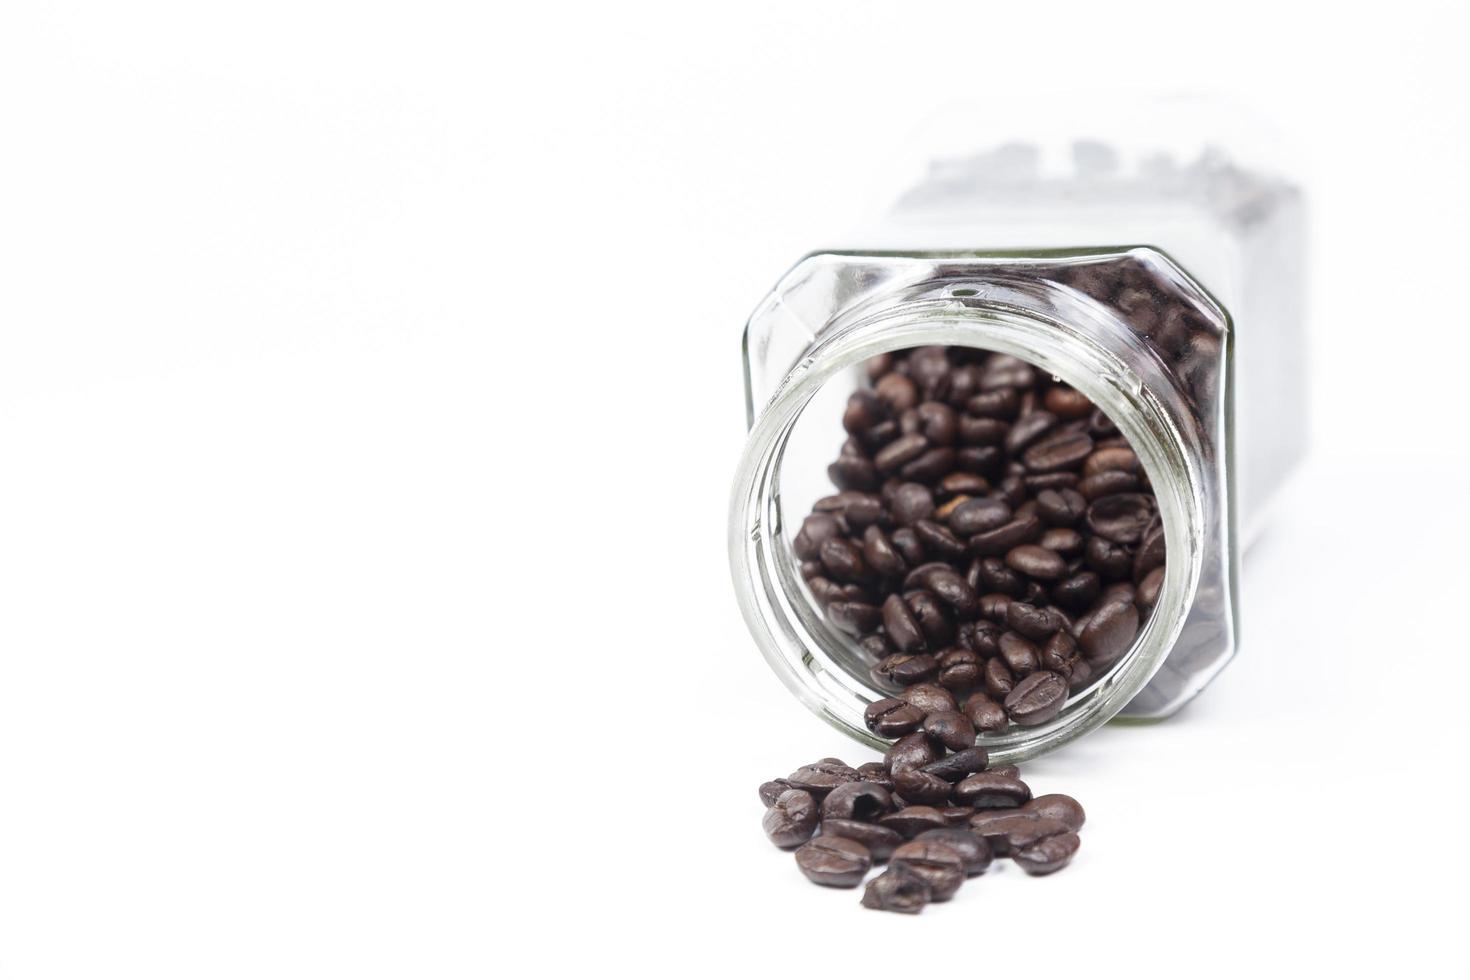 bouteille de grains de café photo